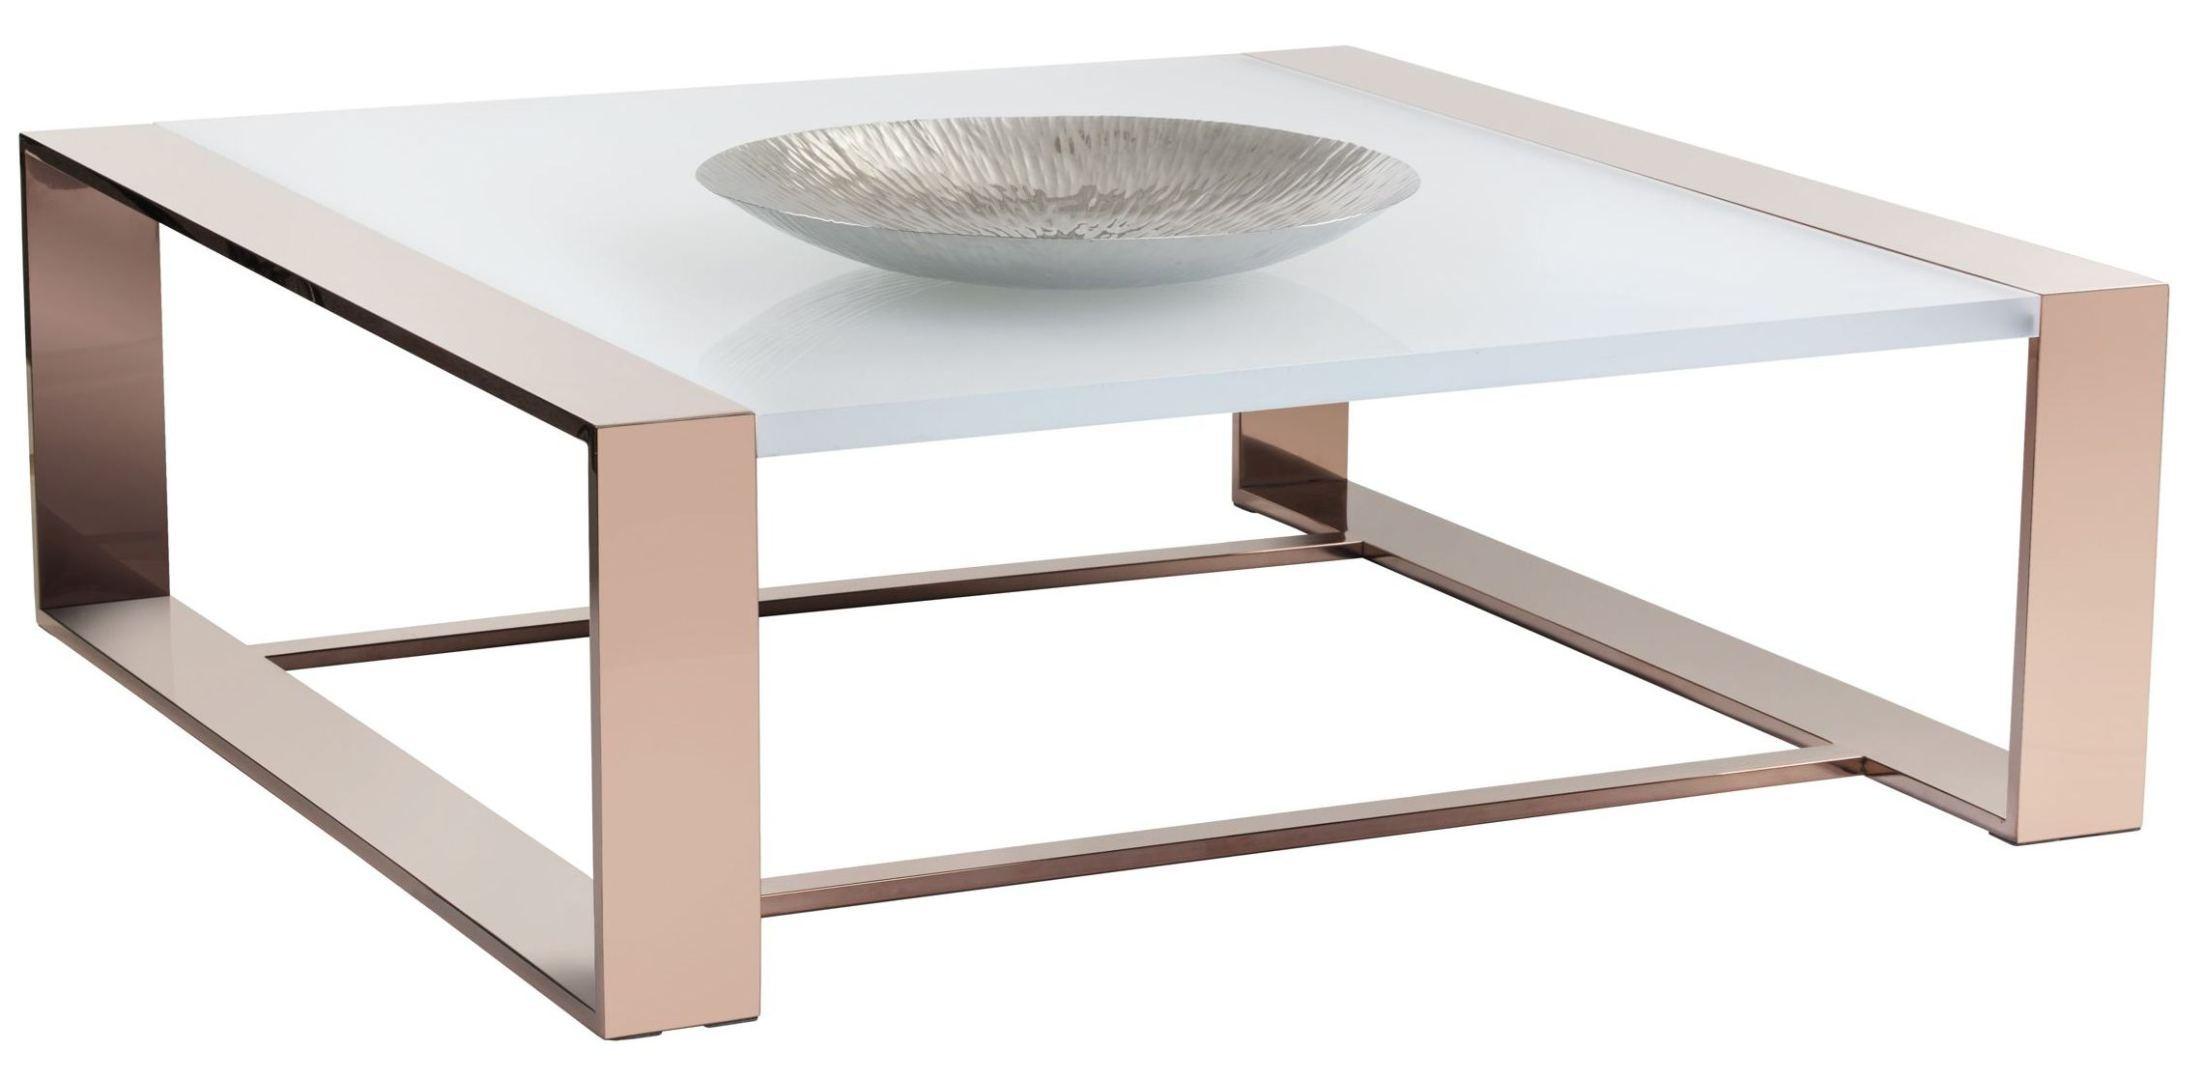 White Acrylic Coffee Table Retro White Lucite Infinity Coffee Table At 1stdibs Acrylic Coffee